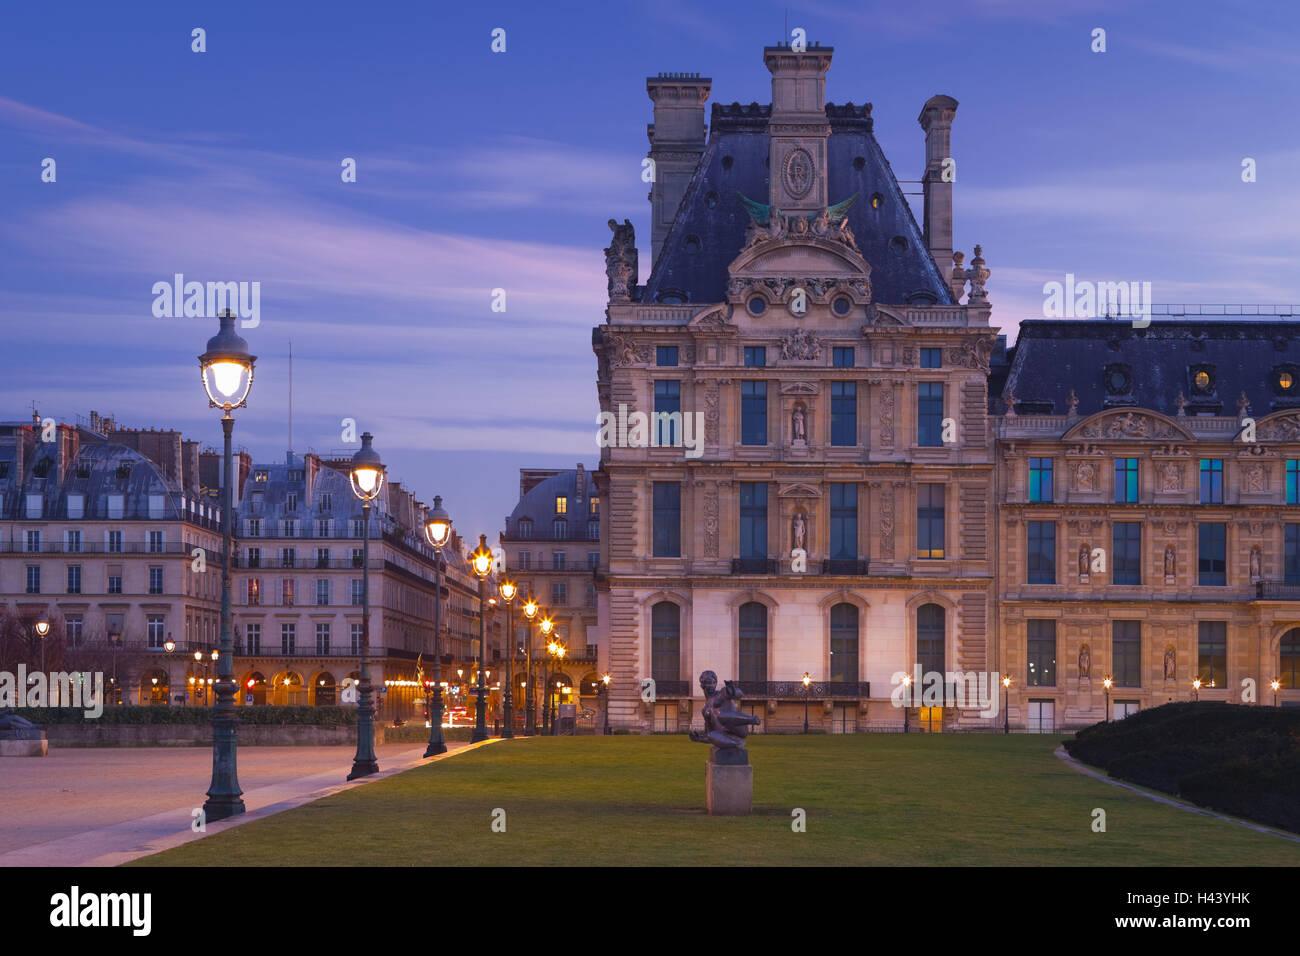 France, Paris, Ile de France, Louvre, park, dusk, - Stock Image